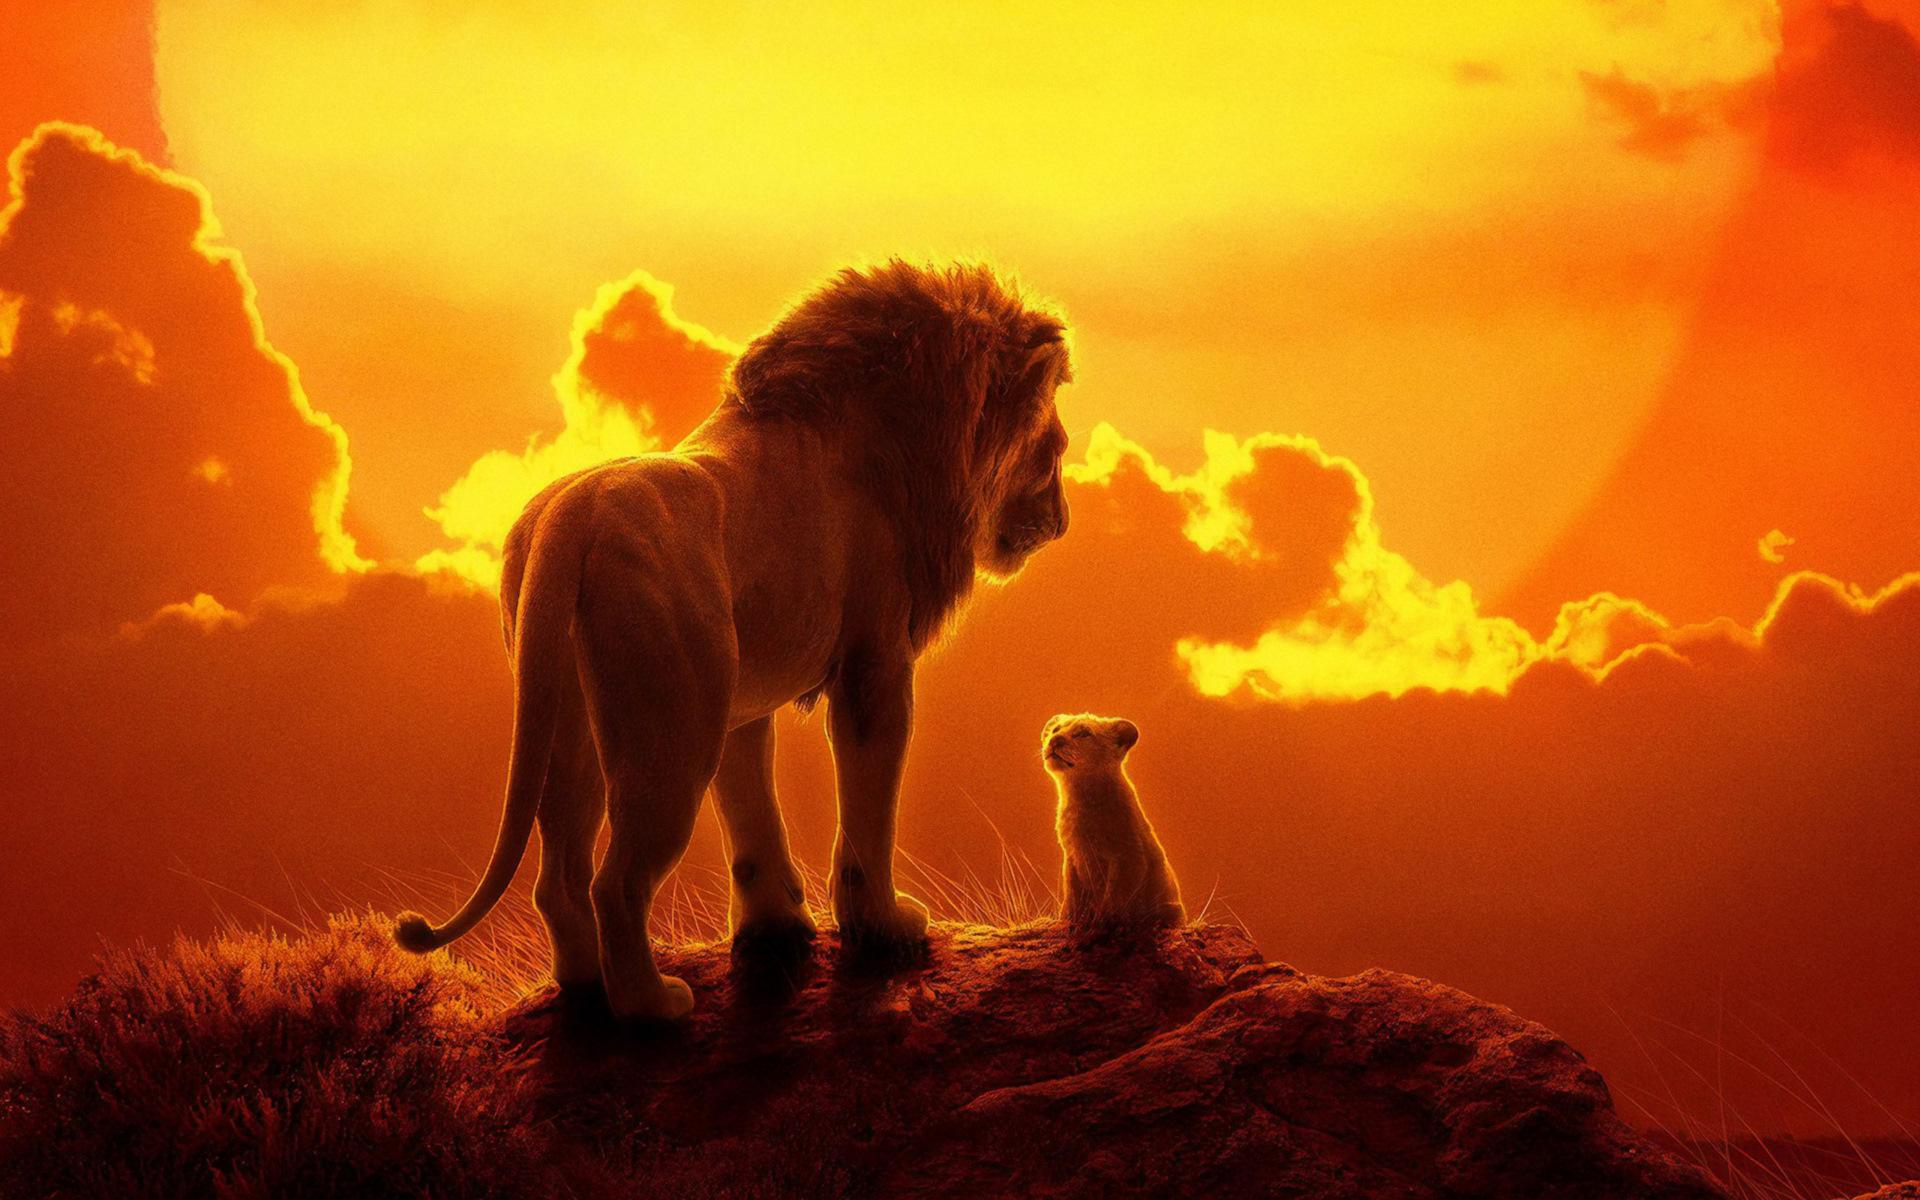 Картинки король лев 2019, анимешные картинки